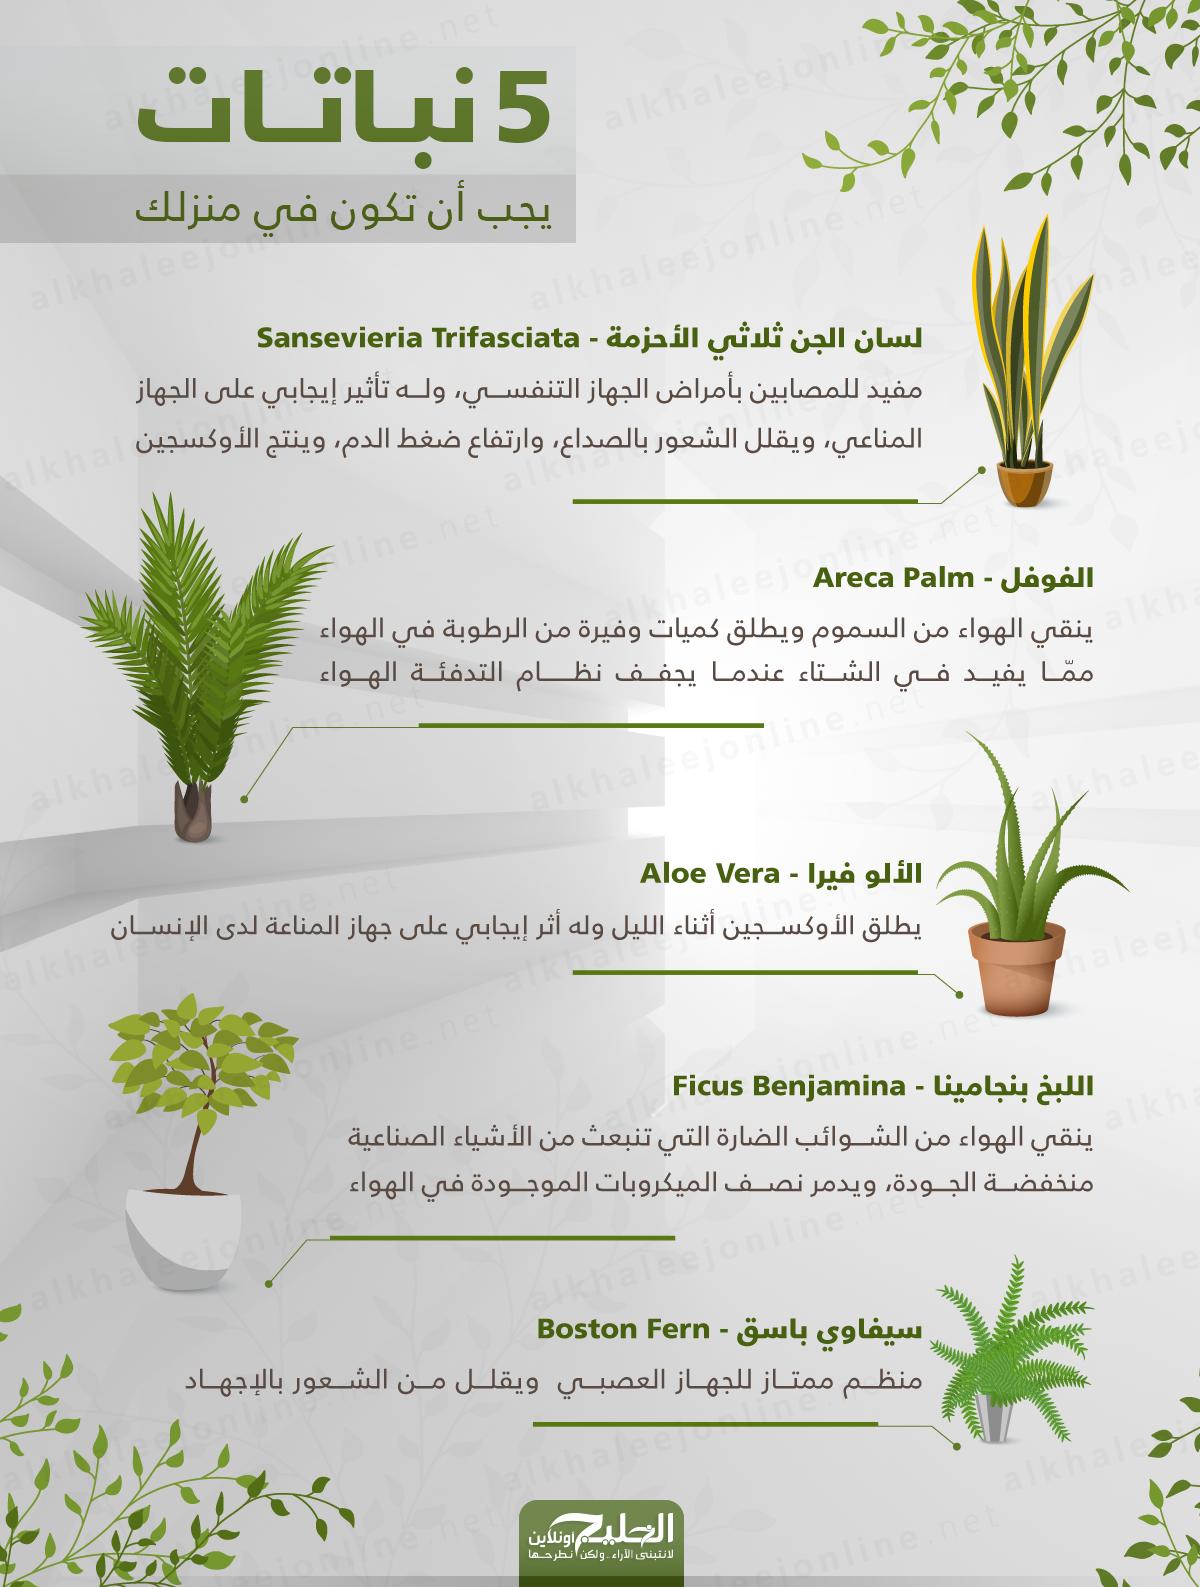 5-نباتات-يجب-ان-تضعها-في-البيت